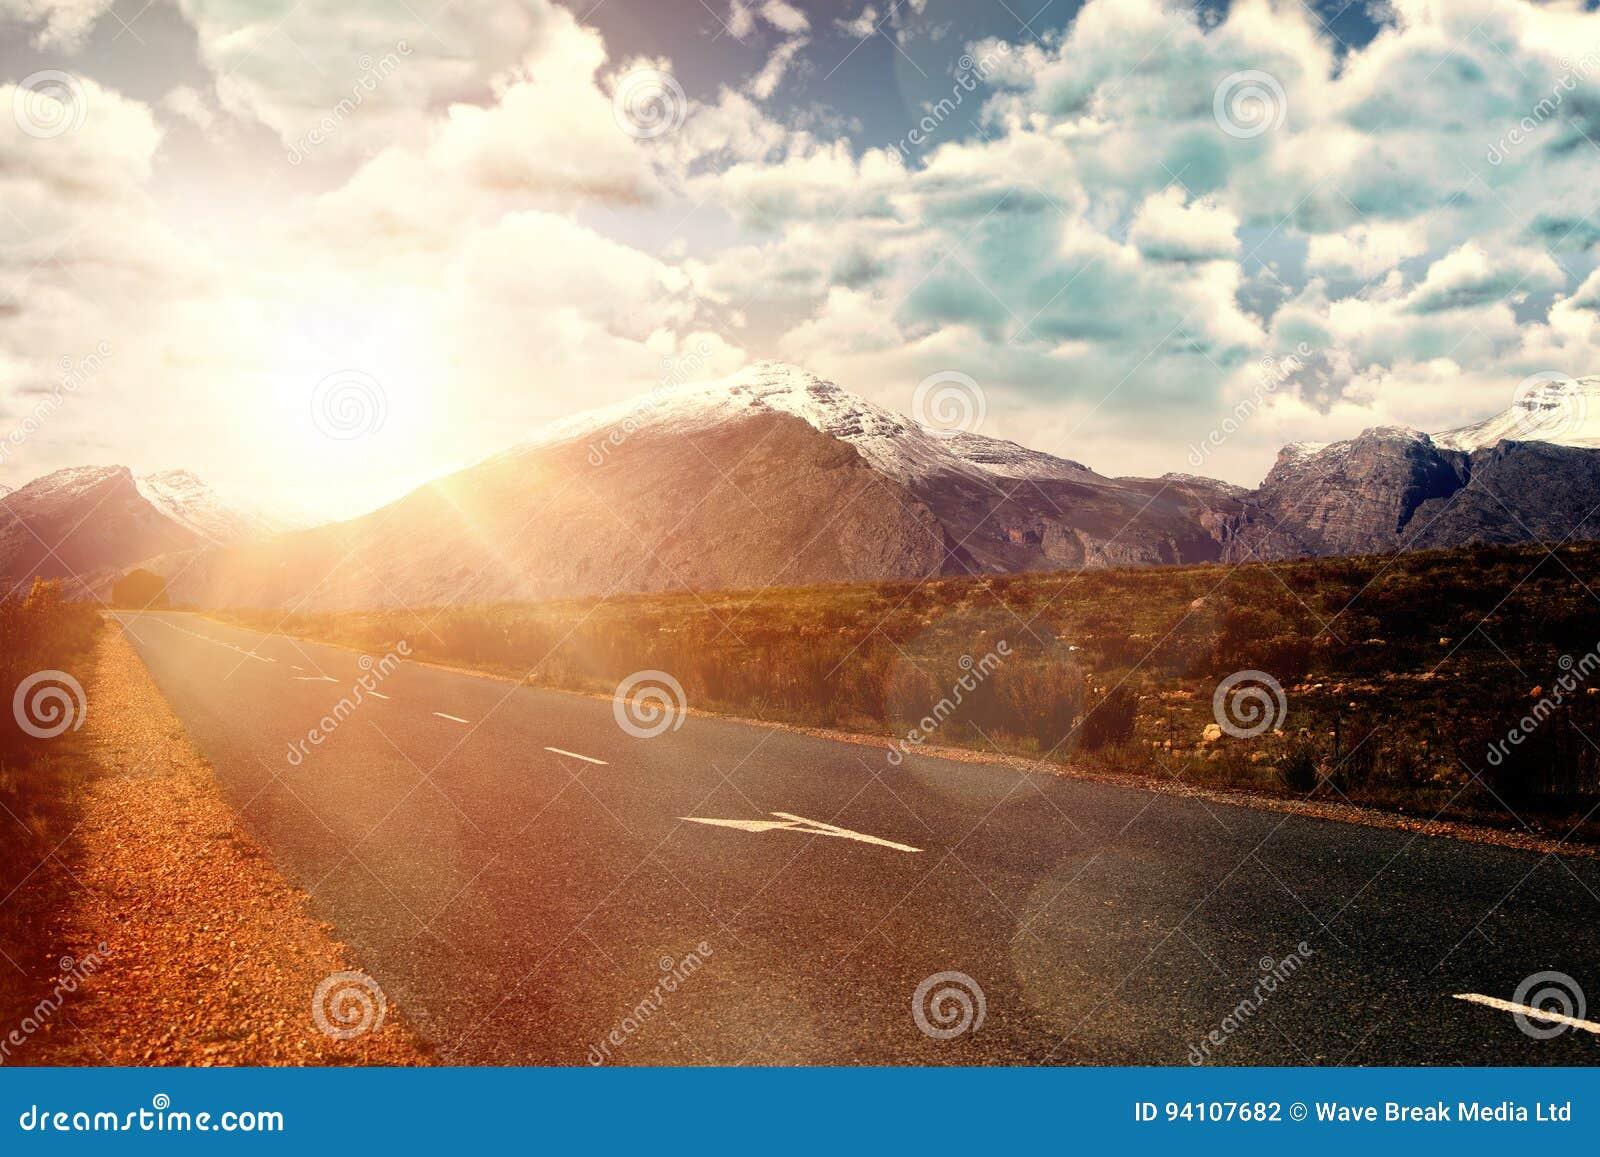 Samengesteld beeld van mening van bewolking tegen blauwe hemel